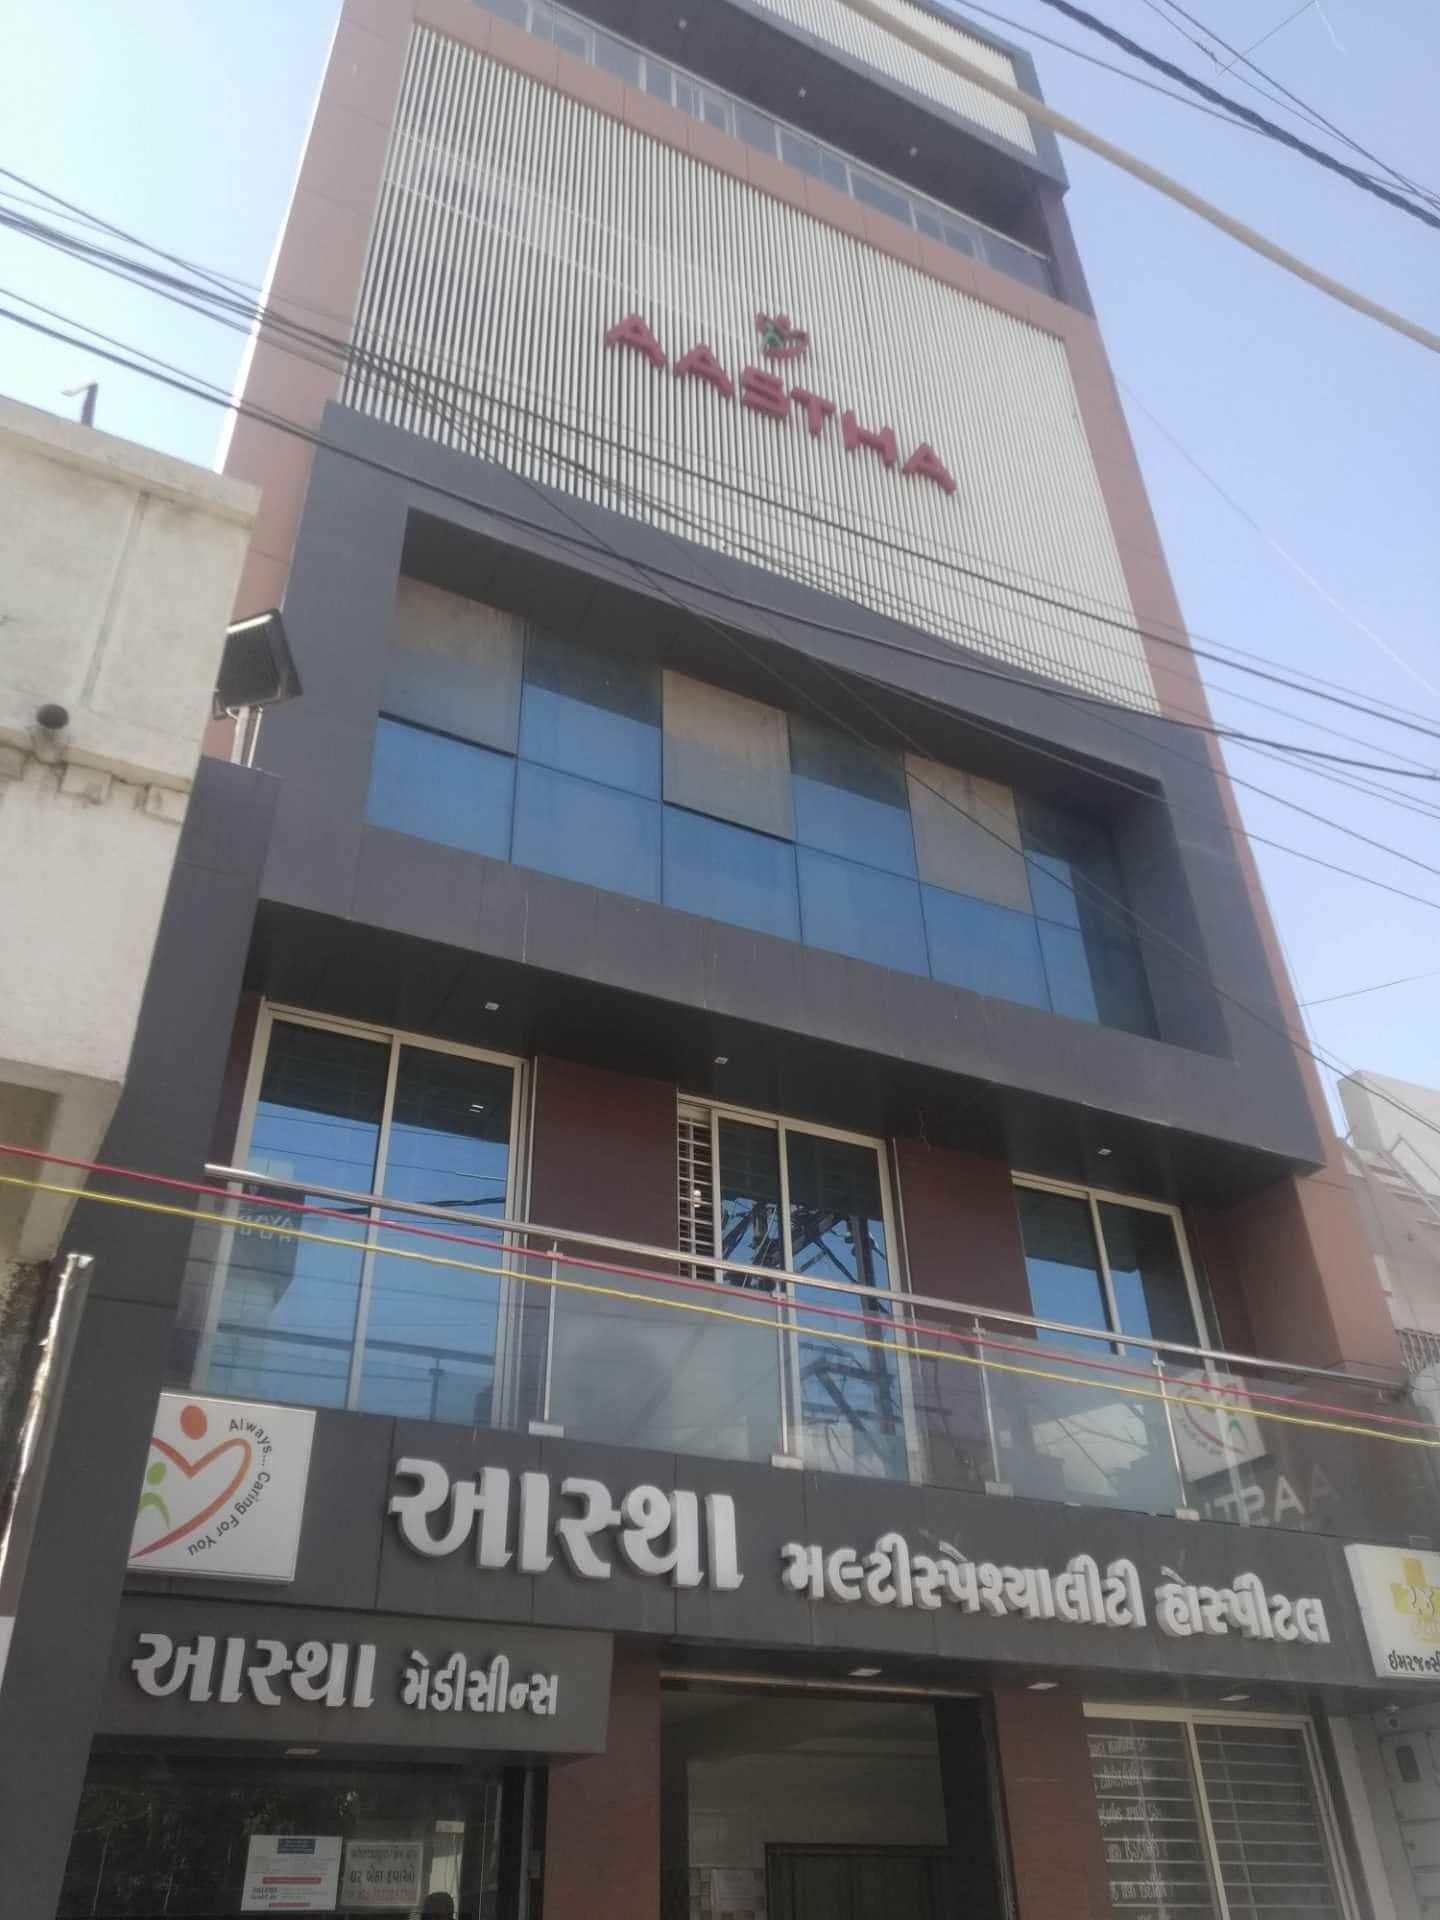 Aastha Hospital display image